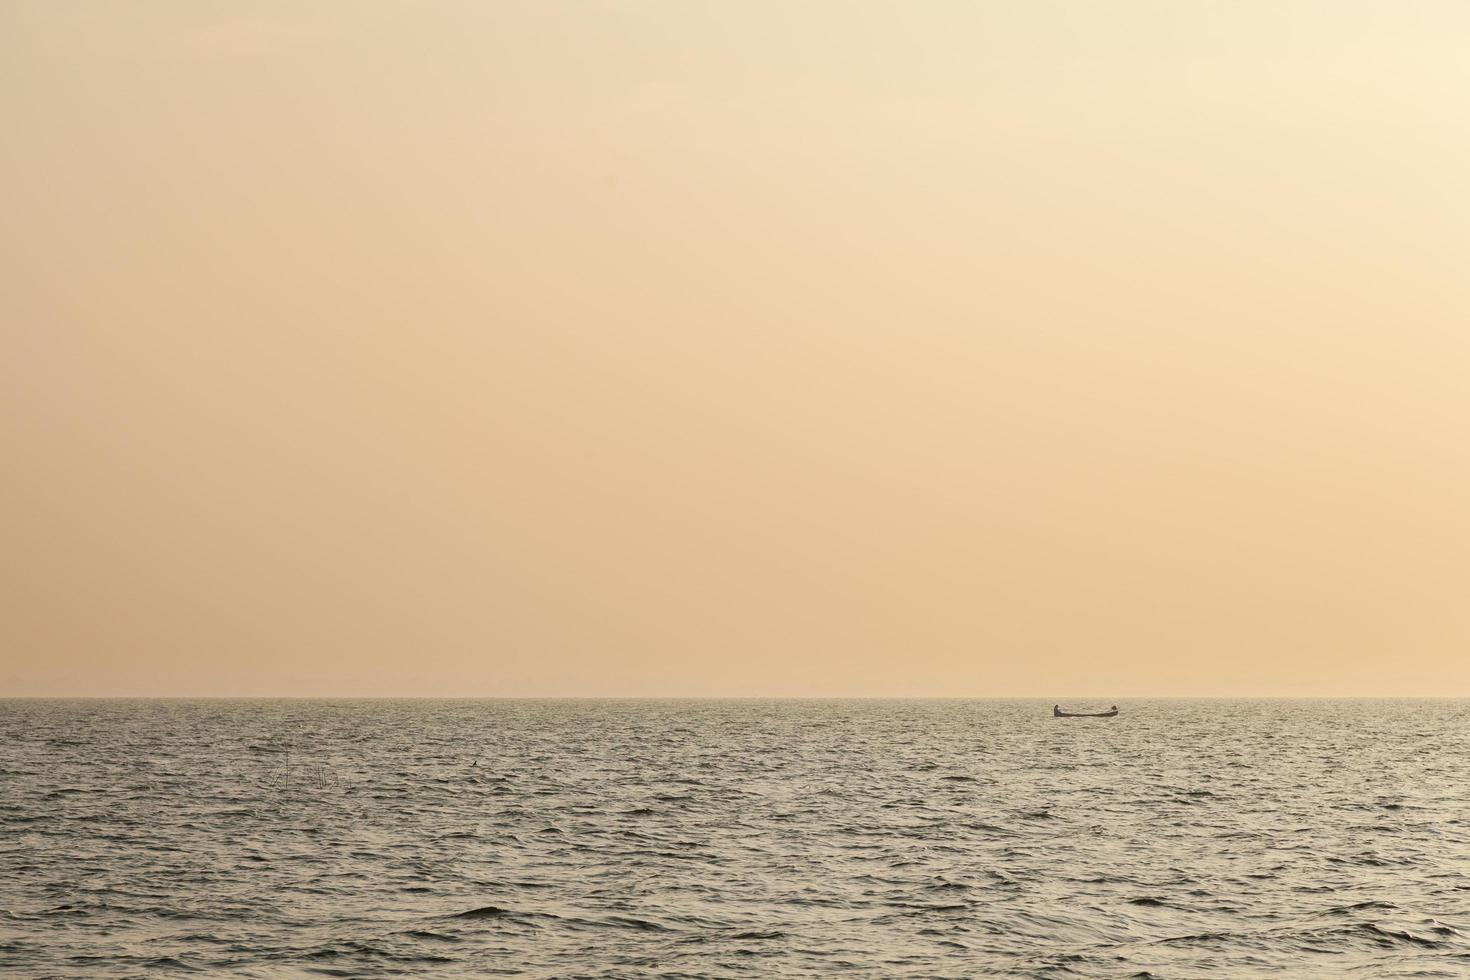 piccola barca da pesca all'alba foto